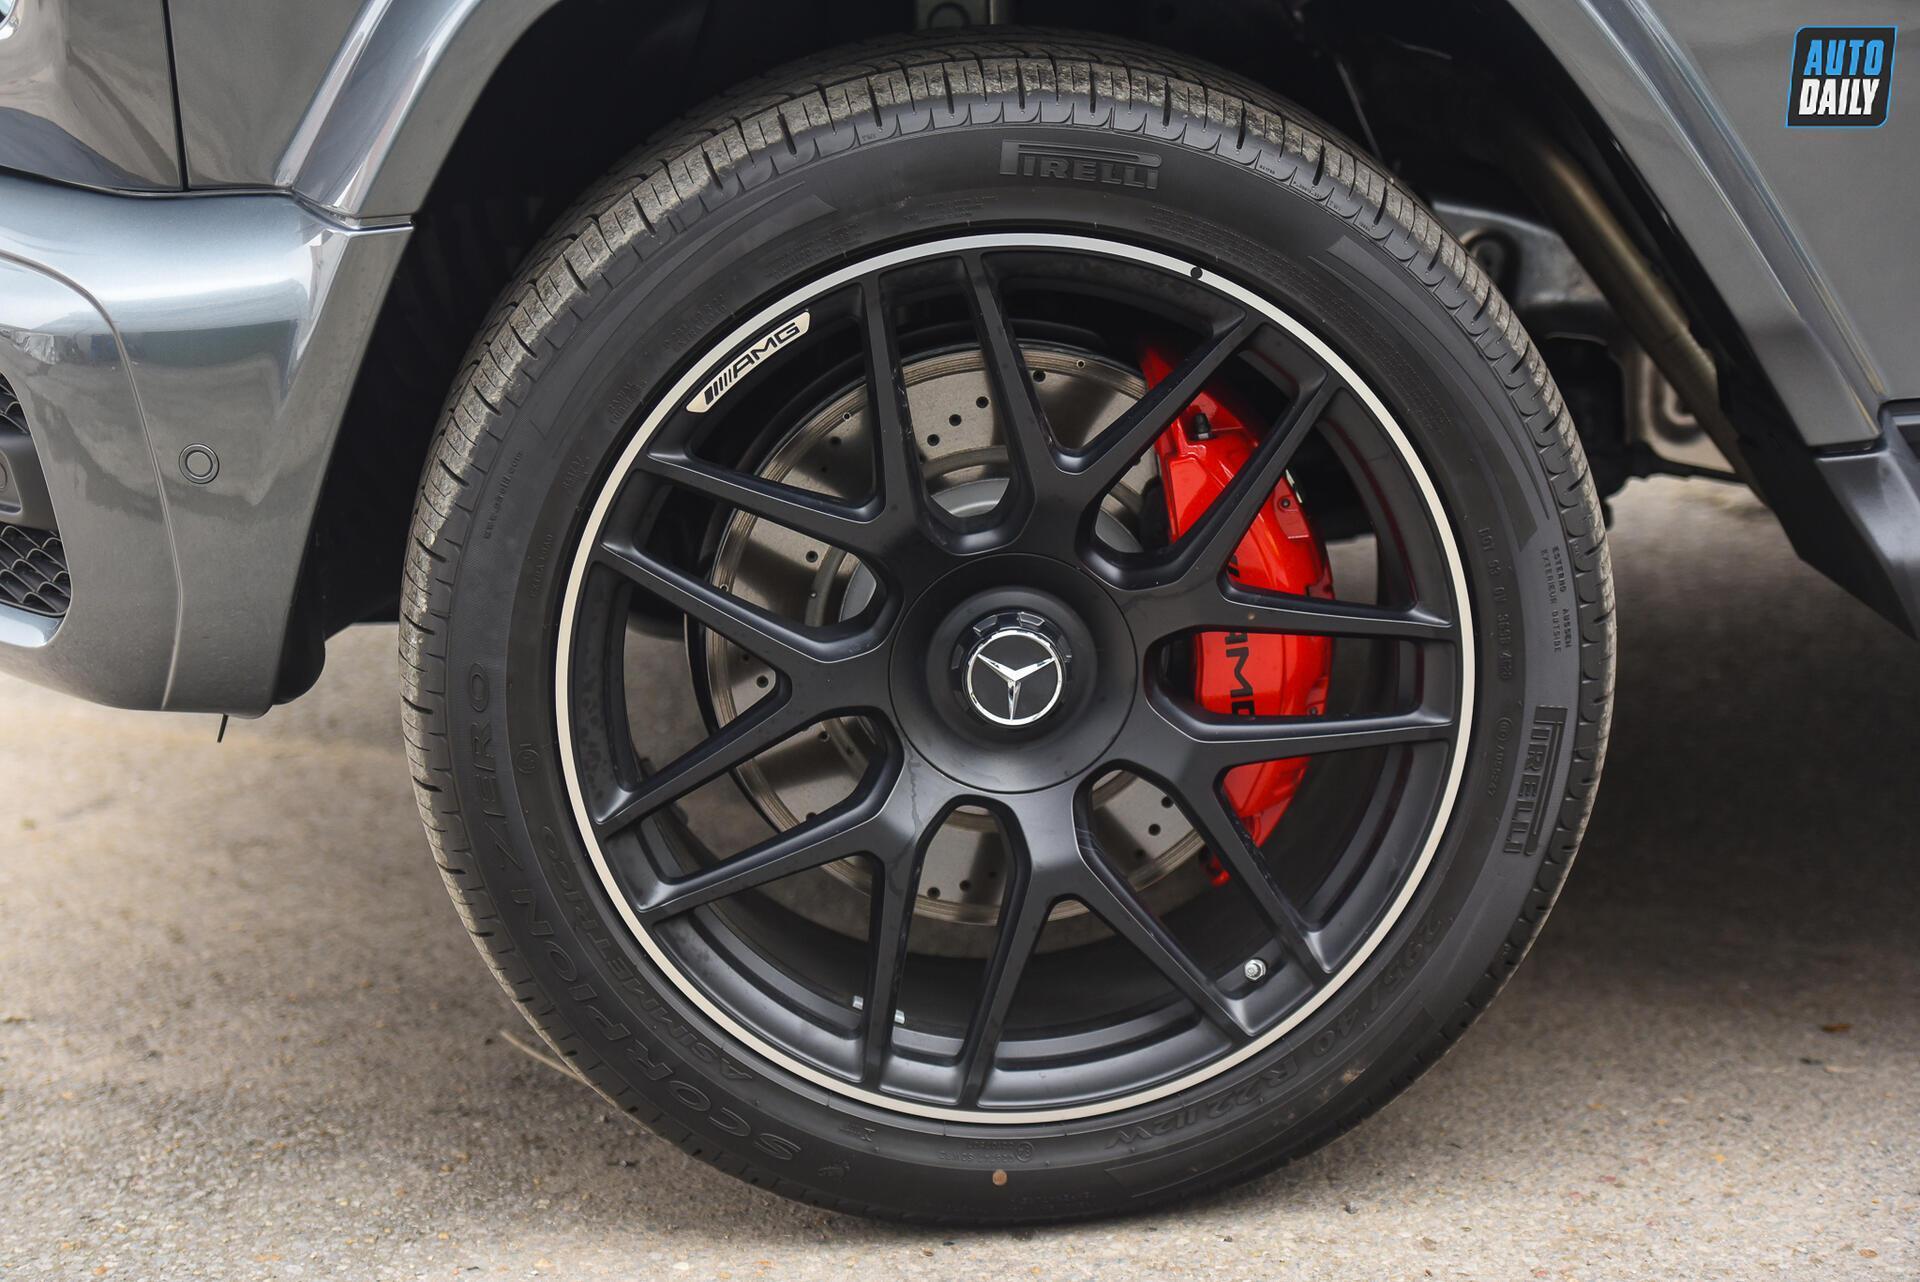 Ảnh chi tiết Mercedes G63 AMG 2021 bản cá nhân hoá giá khoảng 12 tỷ [10]